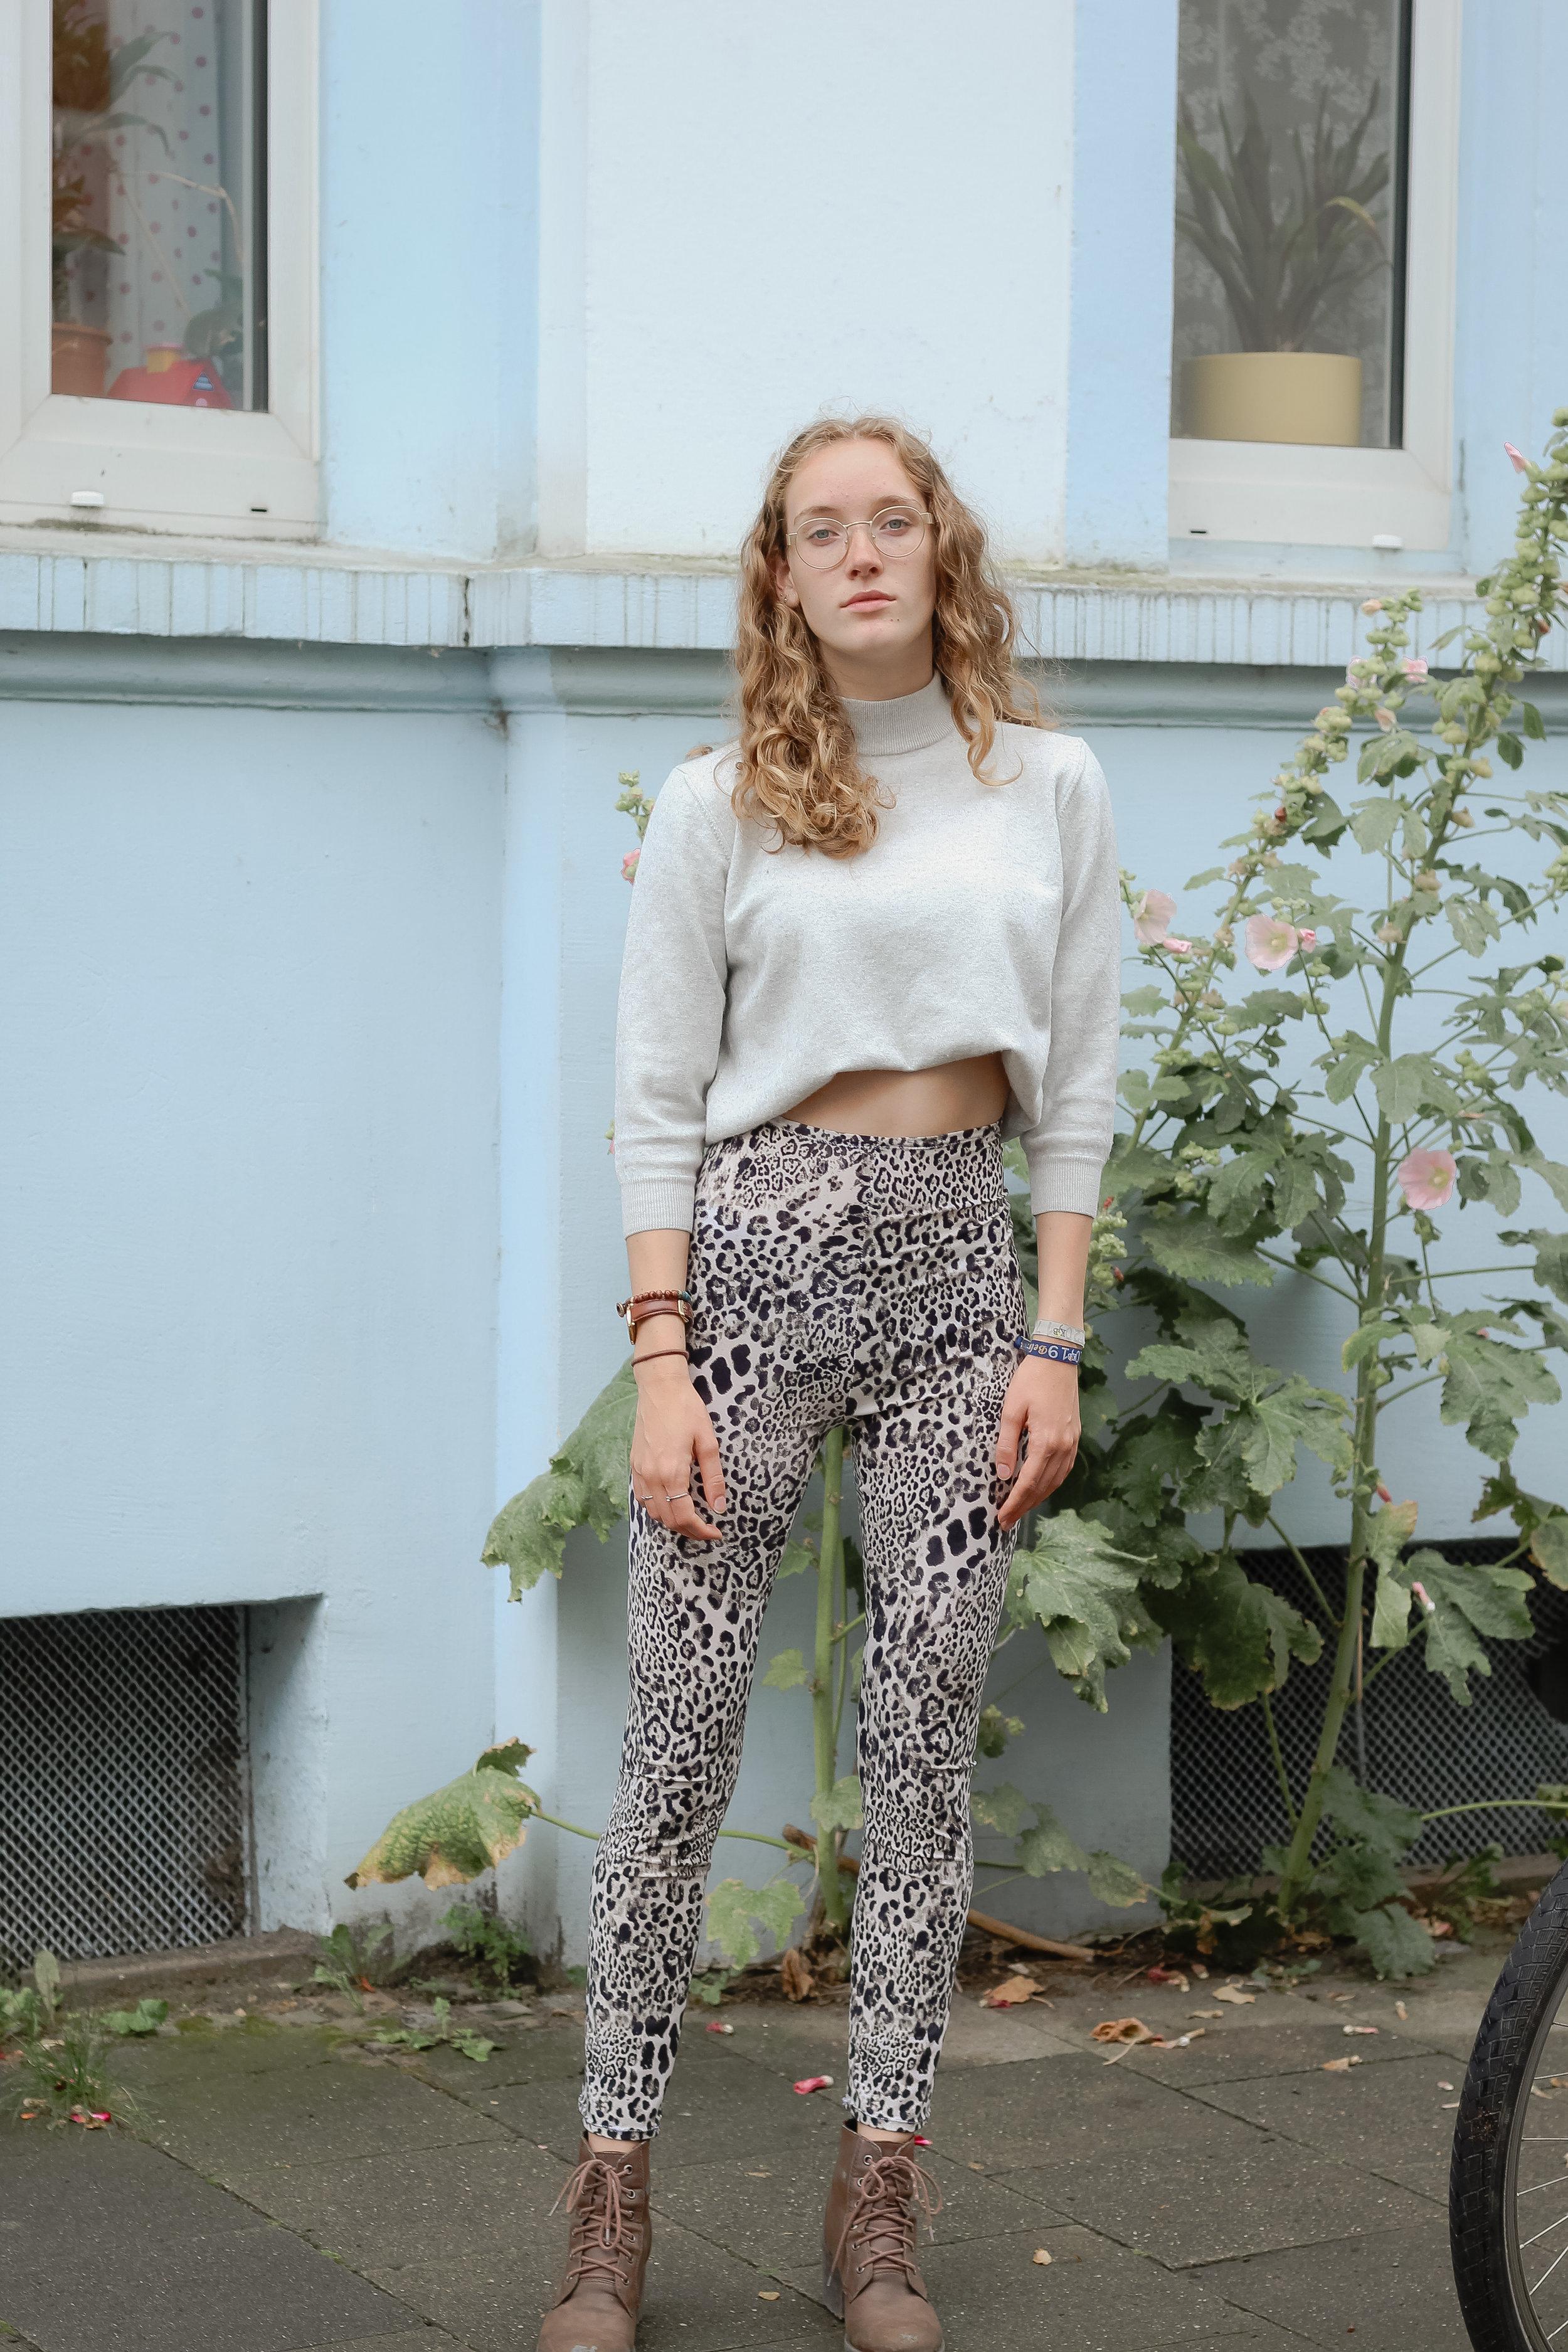 Leoprint photoshoot with lena.naeht von  www.lenanaeht.de  leoprint fashion, leoprint clothing, blonde, curly hair, girl, glasses, babyblue, sew, sewinglove, fotoshooting mit lena.naeht, leopardenprint, leoparden muster, babyblau, brille, nähen, nähenverbindet, mädchen, frau, lockige haare, natürlichkeit, osnabrück, germany, niedersachsen, münster, hannover, ruhrgebiet, oldenburg, herprettybravesoul, chantal kemp